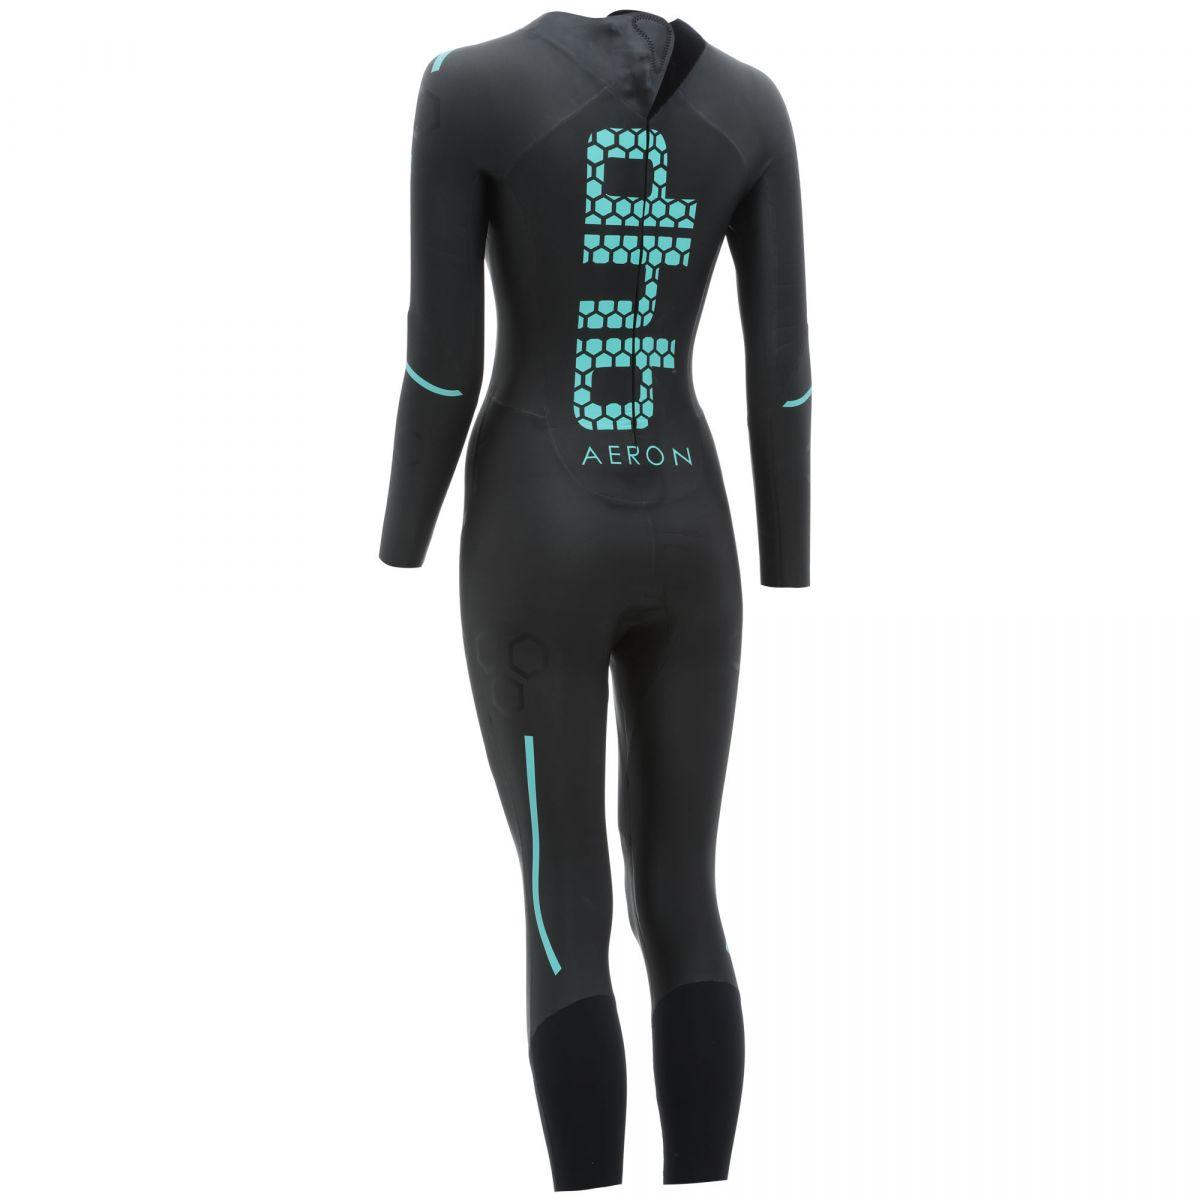 dhb-Aeron-Wetsuit-women-back